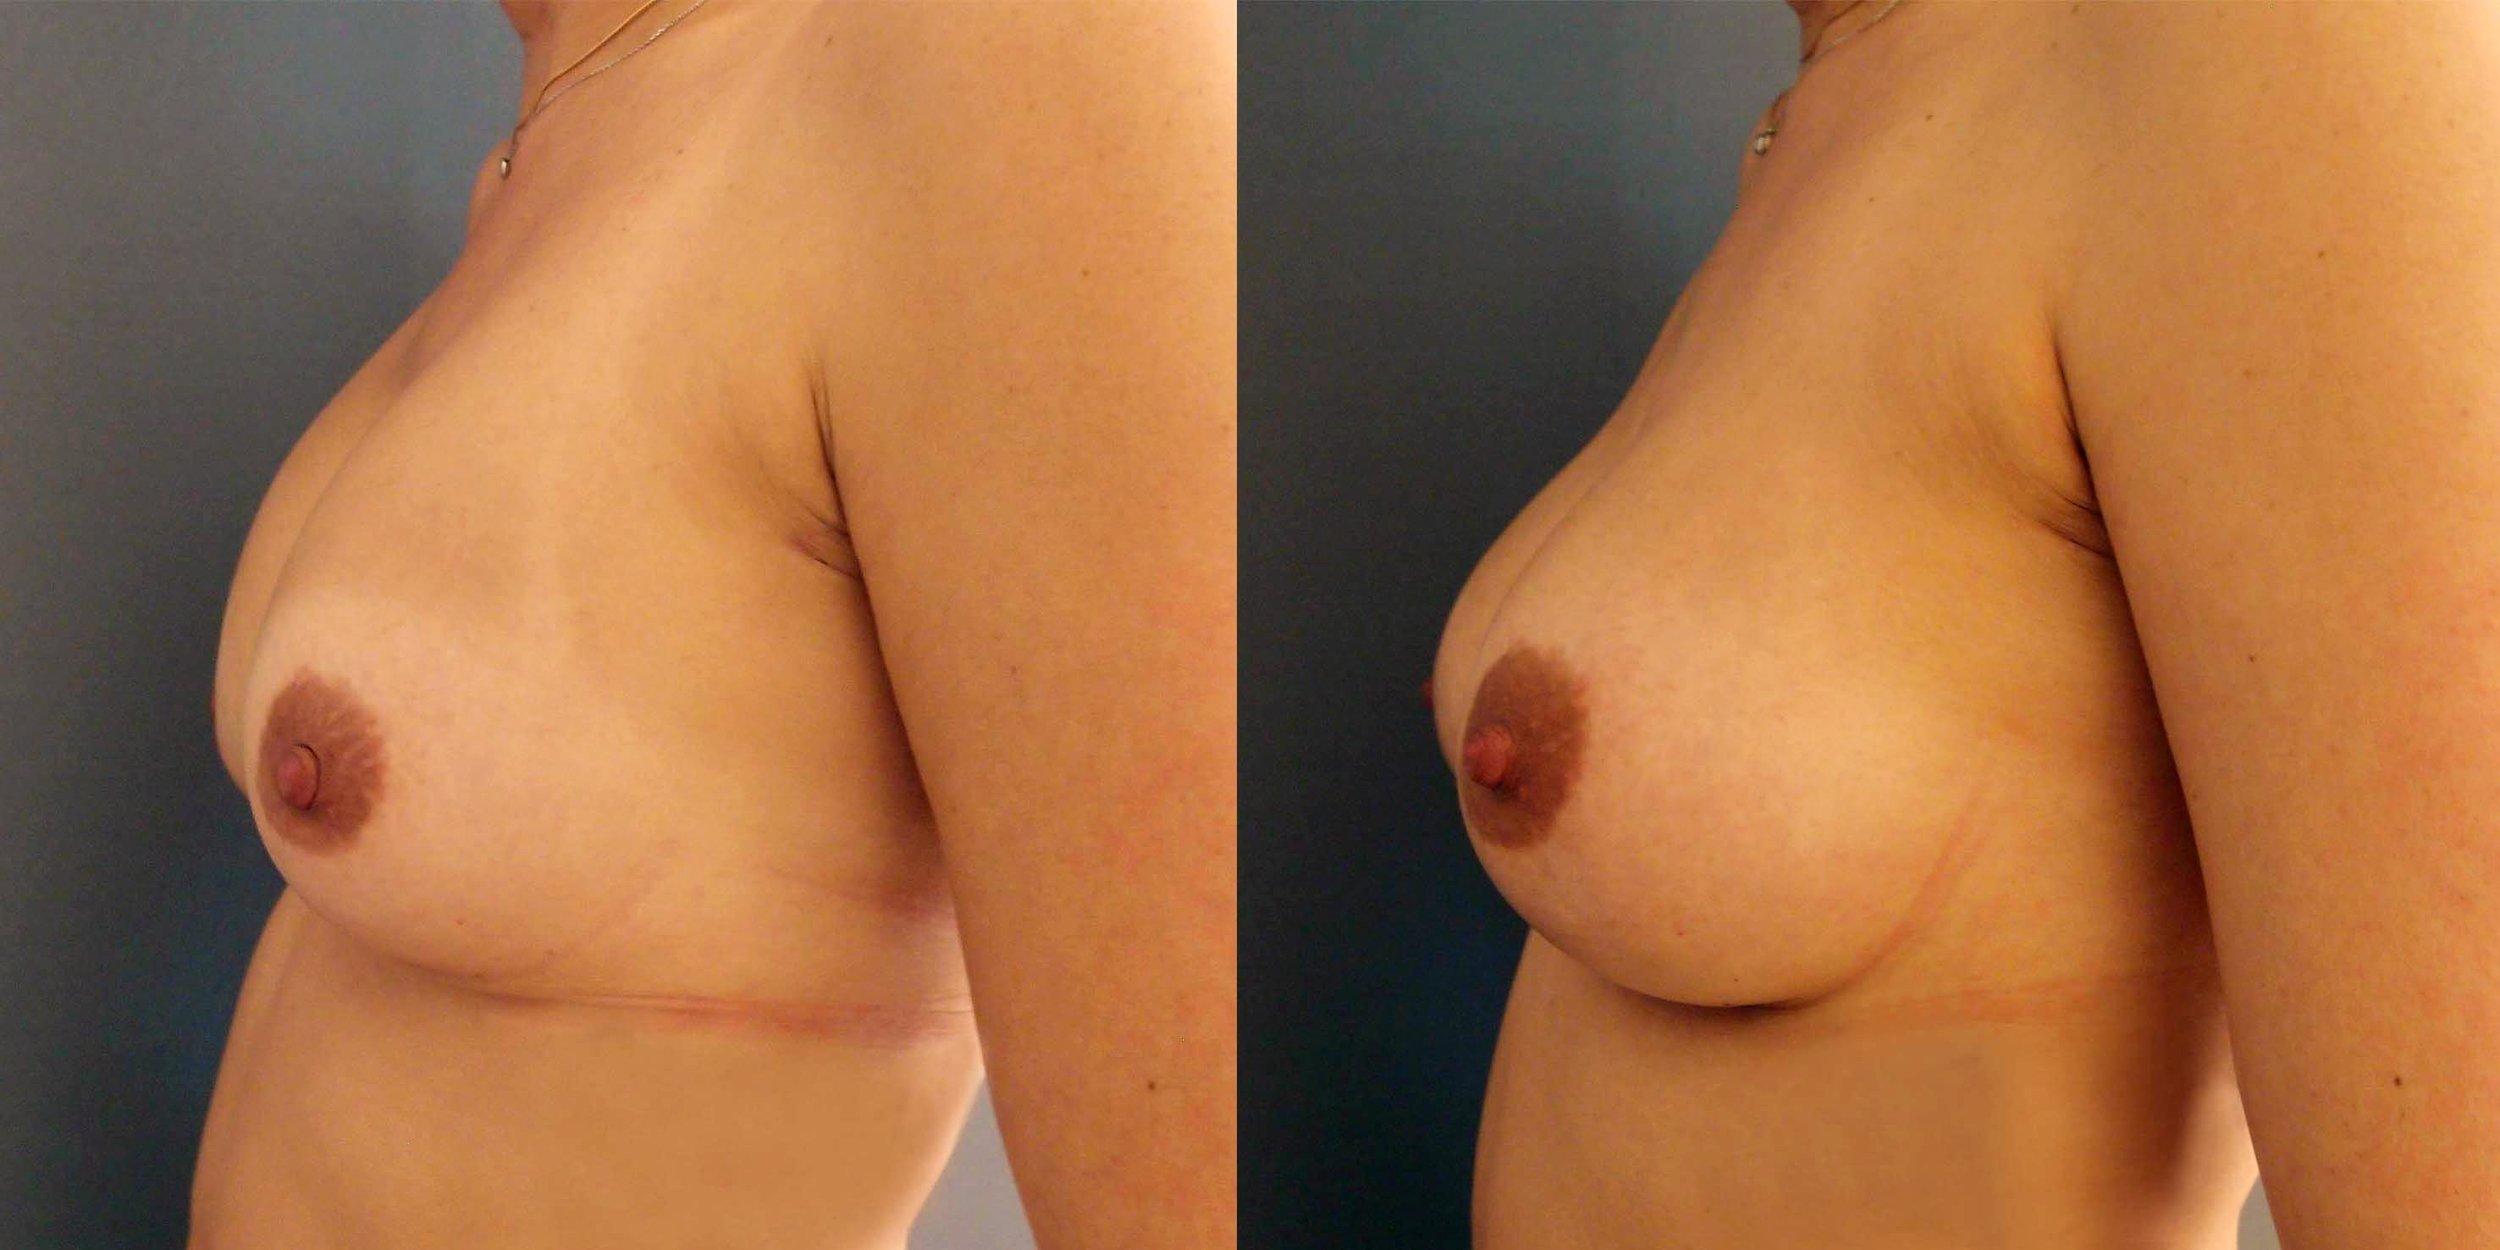 Avant-après, un remplacement d'implants mammaires réussi © Dr Eric Plot